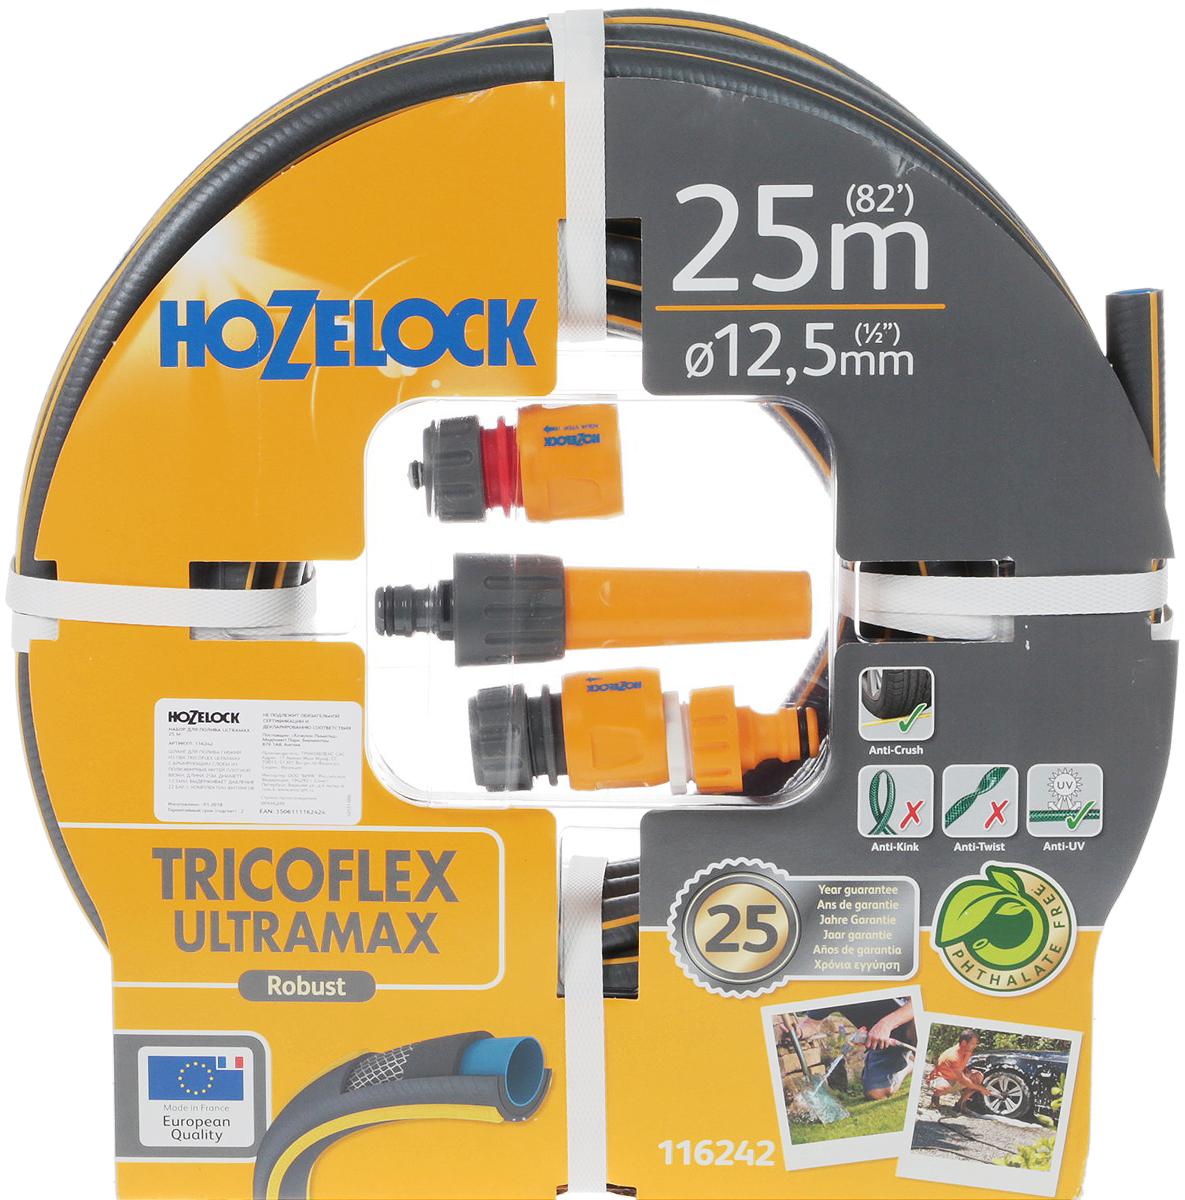 """Набор для полива HoZelock 116242 Tricoflex Ultramax Starter Set 12,5 мм 25 м: Шланг Ultramax 12,5 мм 25 м, Коннектор классик (12,5 мм и 15 мм) 2070, Коннектор классик с Аквастоп (12,5 мм и 15 мм) 2075, Наконечник для шланга 2292, Коннектор для крана вне помещений 1/2""""-3/4"""" (12,5 мм и 19 мм) 2184Готовый набор с высококачественным шлангом и всеми принадлежностями, необходимыми для того, чтобы приступить к поливу."""